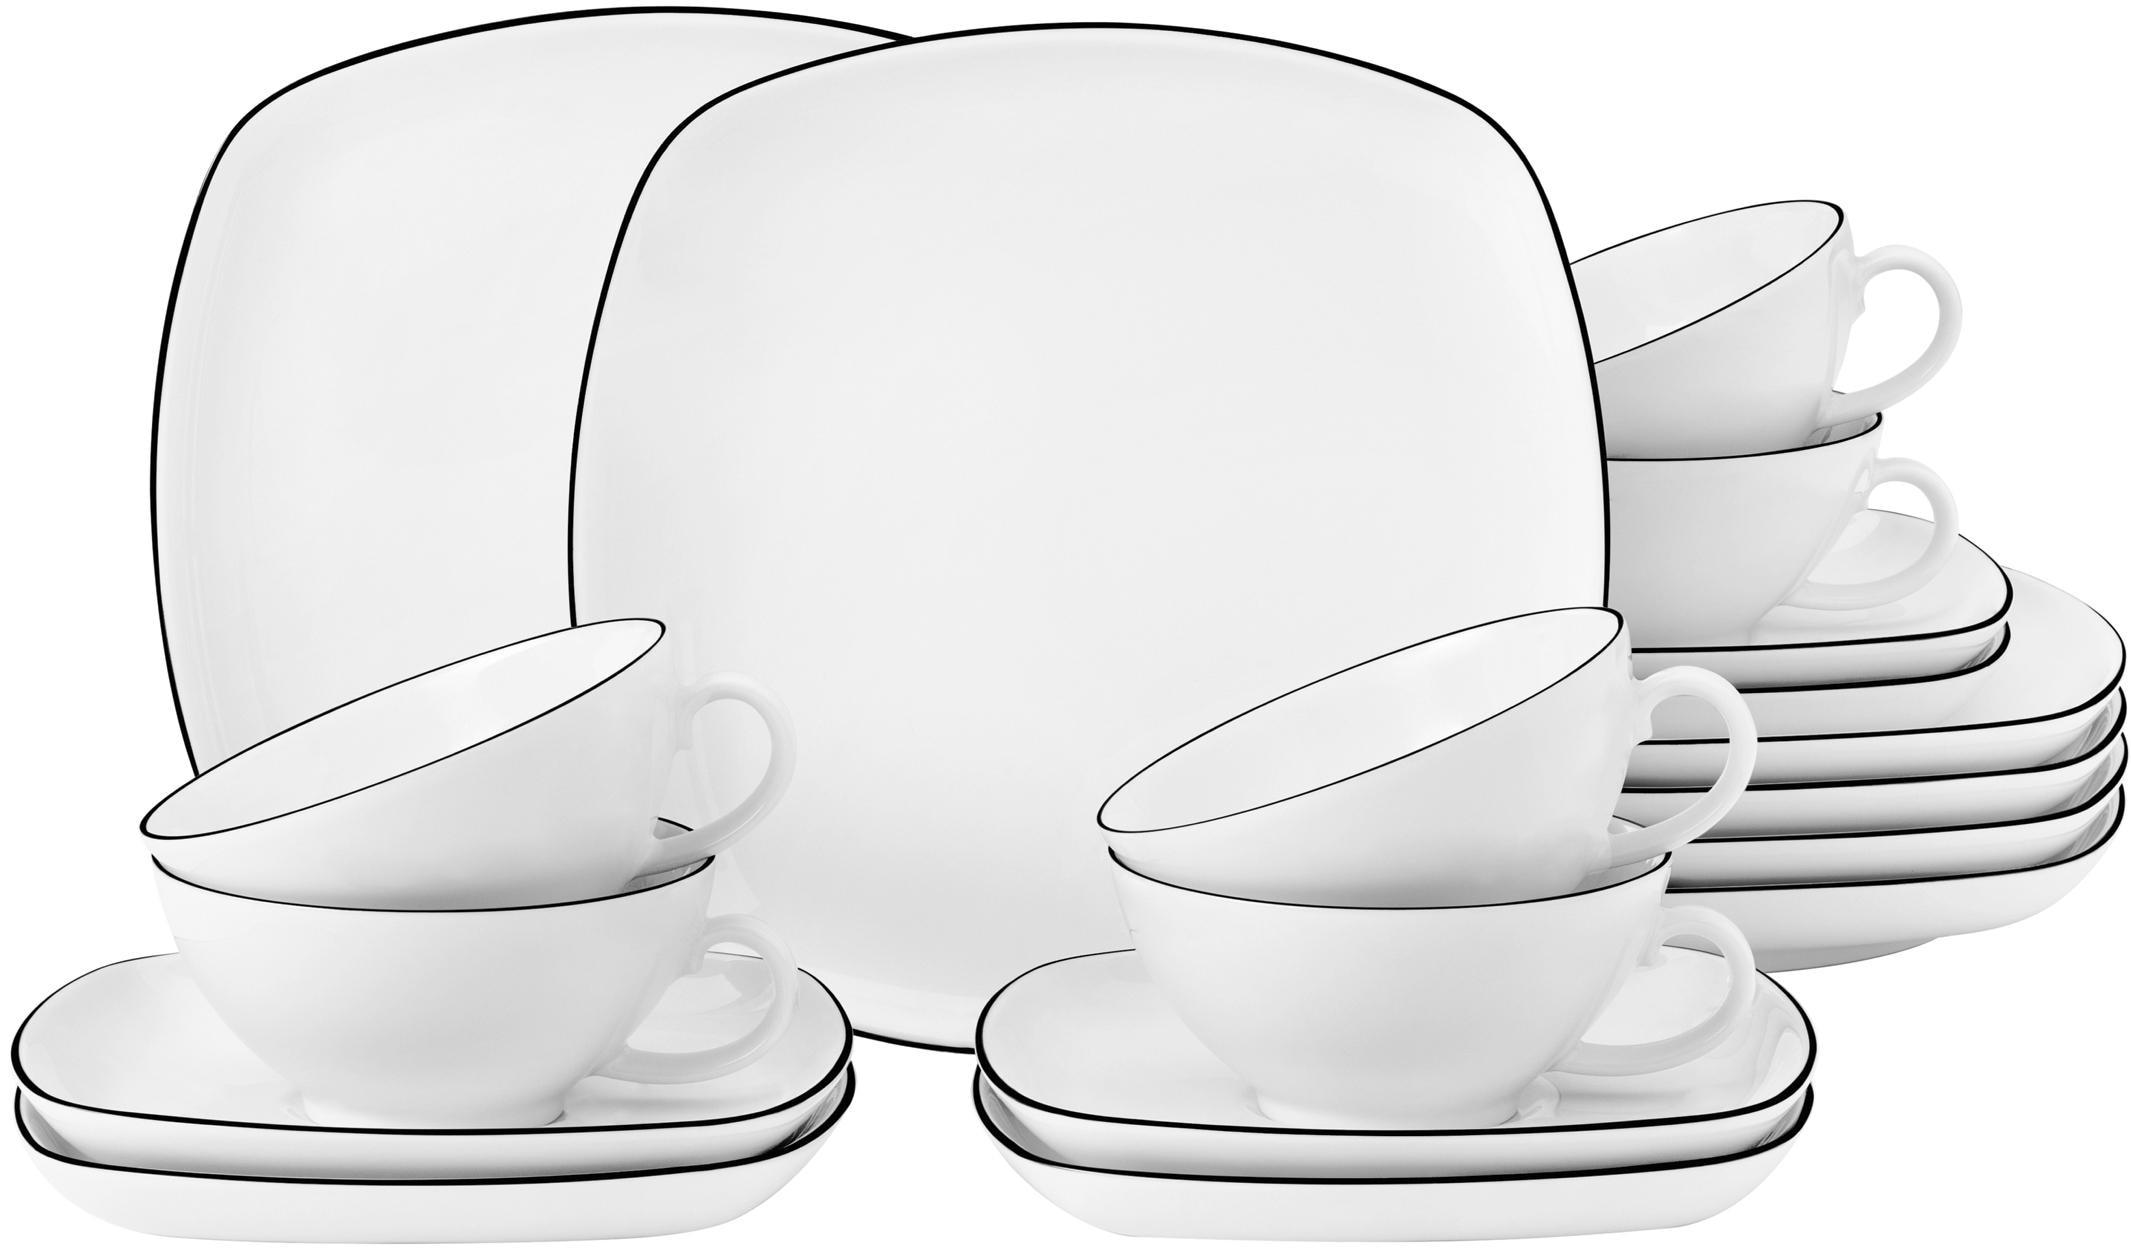 Seltmann Weiden Teeservice Lido, (Set, 18 tlg.), 140 ml weiß Geschirr-Sets Geschirr, Porzellan Tischaccessoires Haushaltswaren